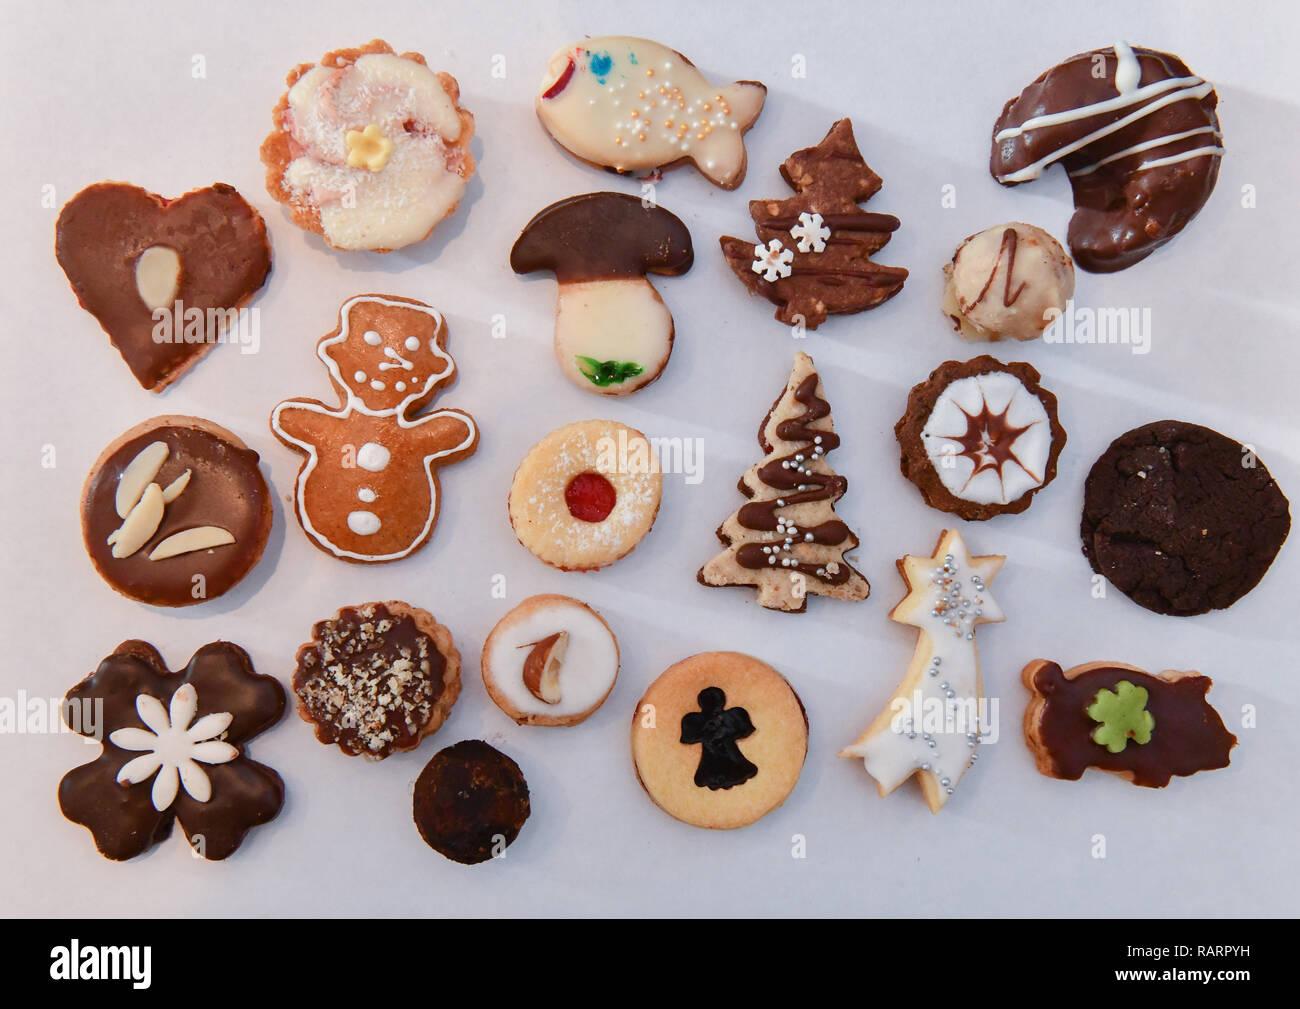 Weihnachtskekse Engelsaugen.Weihnachtsgebäck Stock Photos Weihnachtsgebäck Stock Images Alamy